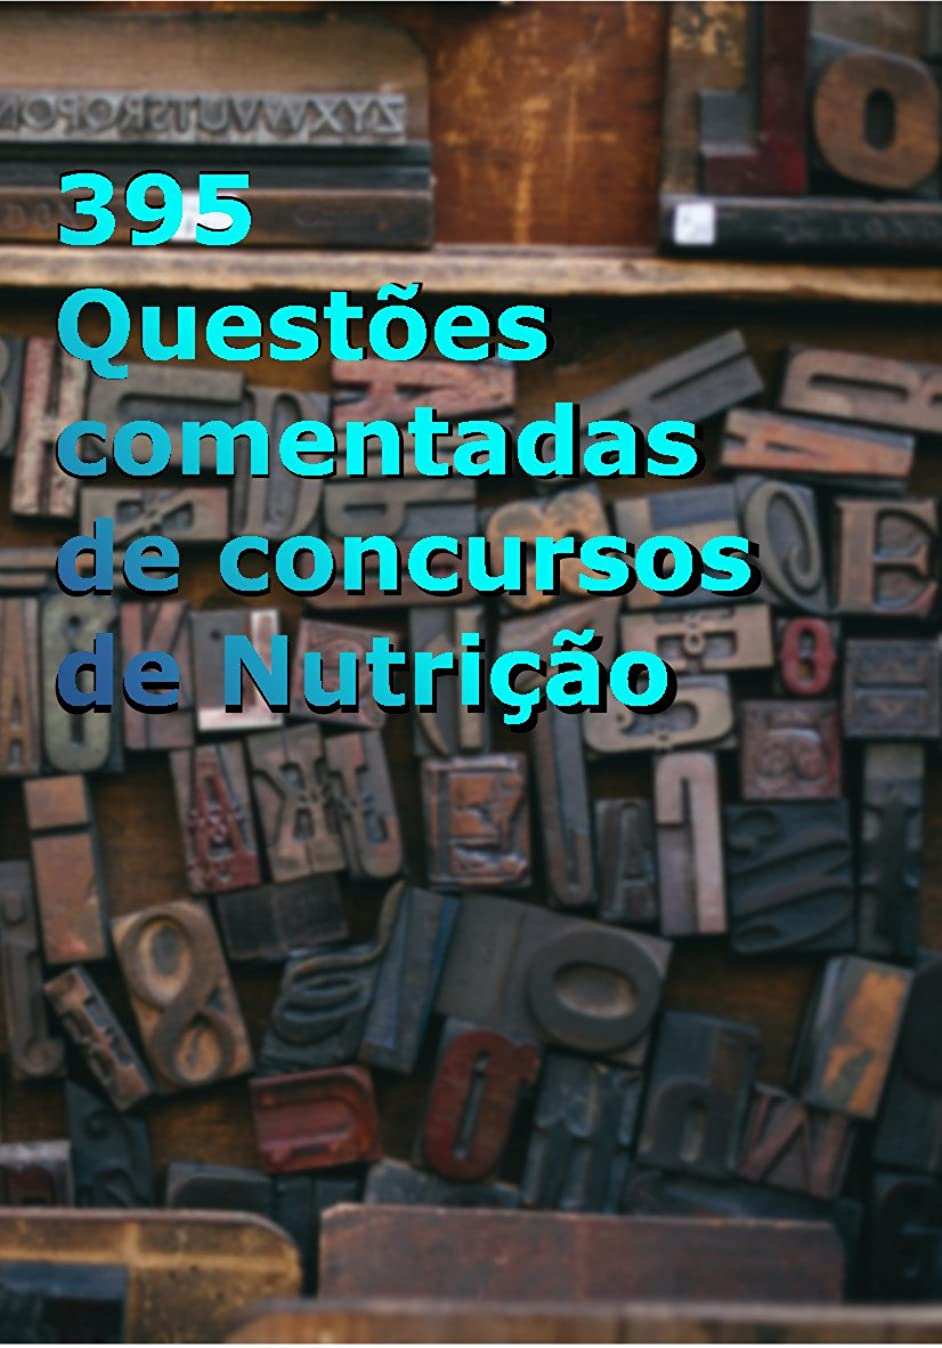 壁紙シャイ協力的395 quest?es comentadas de concursos de nutri??o (Portuguese Edition)